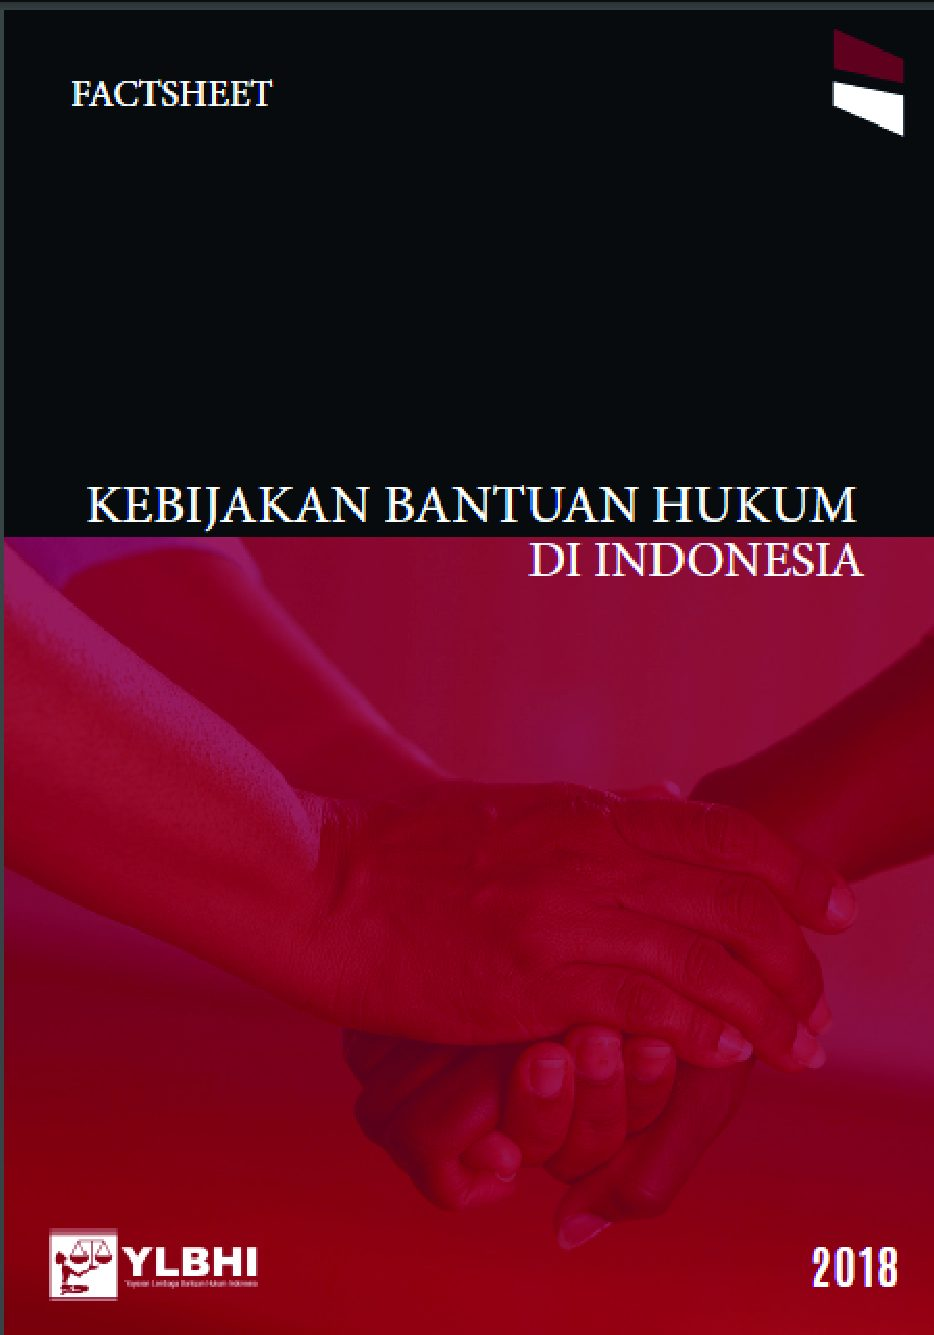 Kebijakan Bantuan Hukum di Indonesia